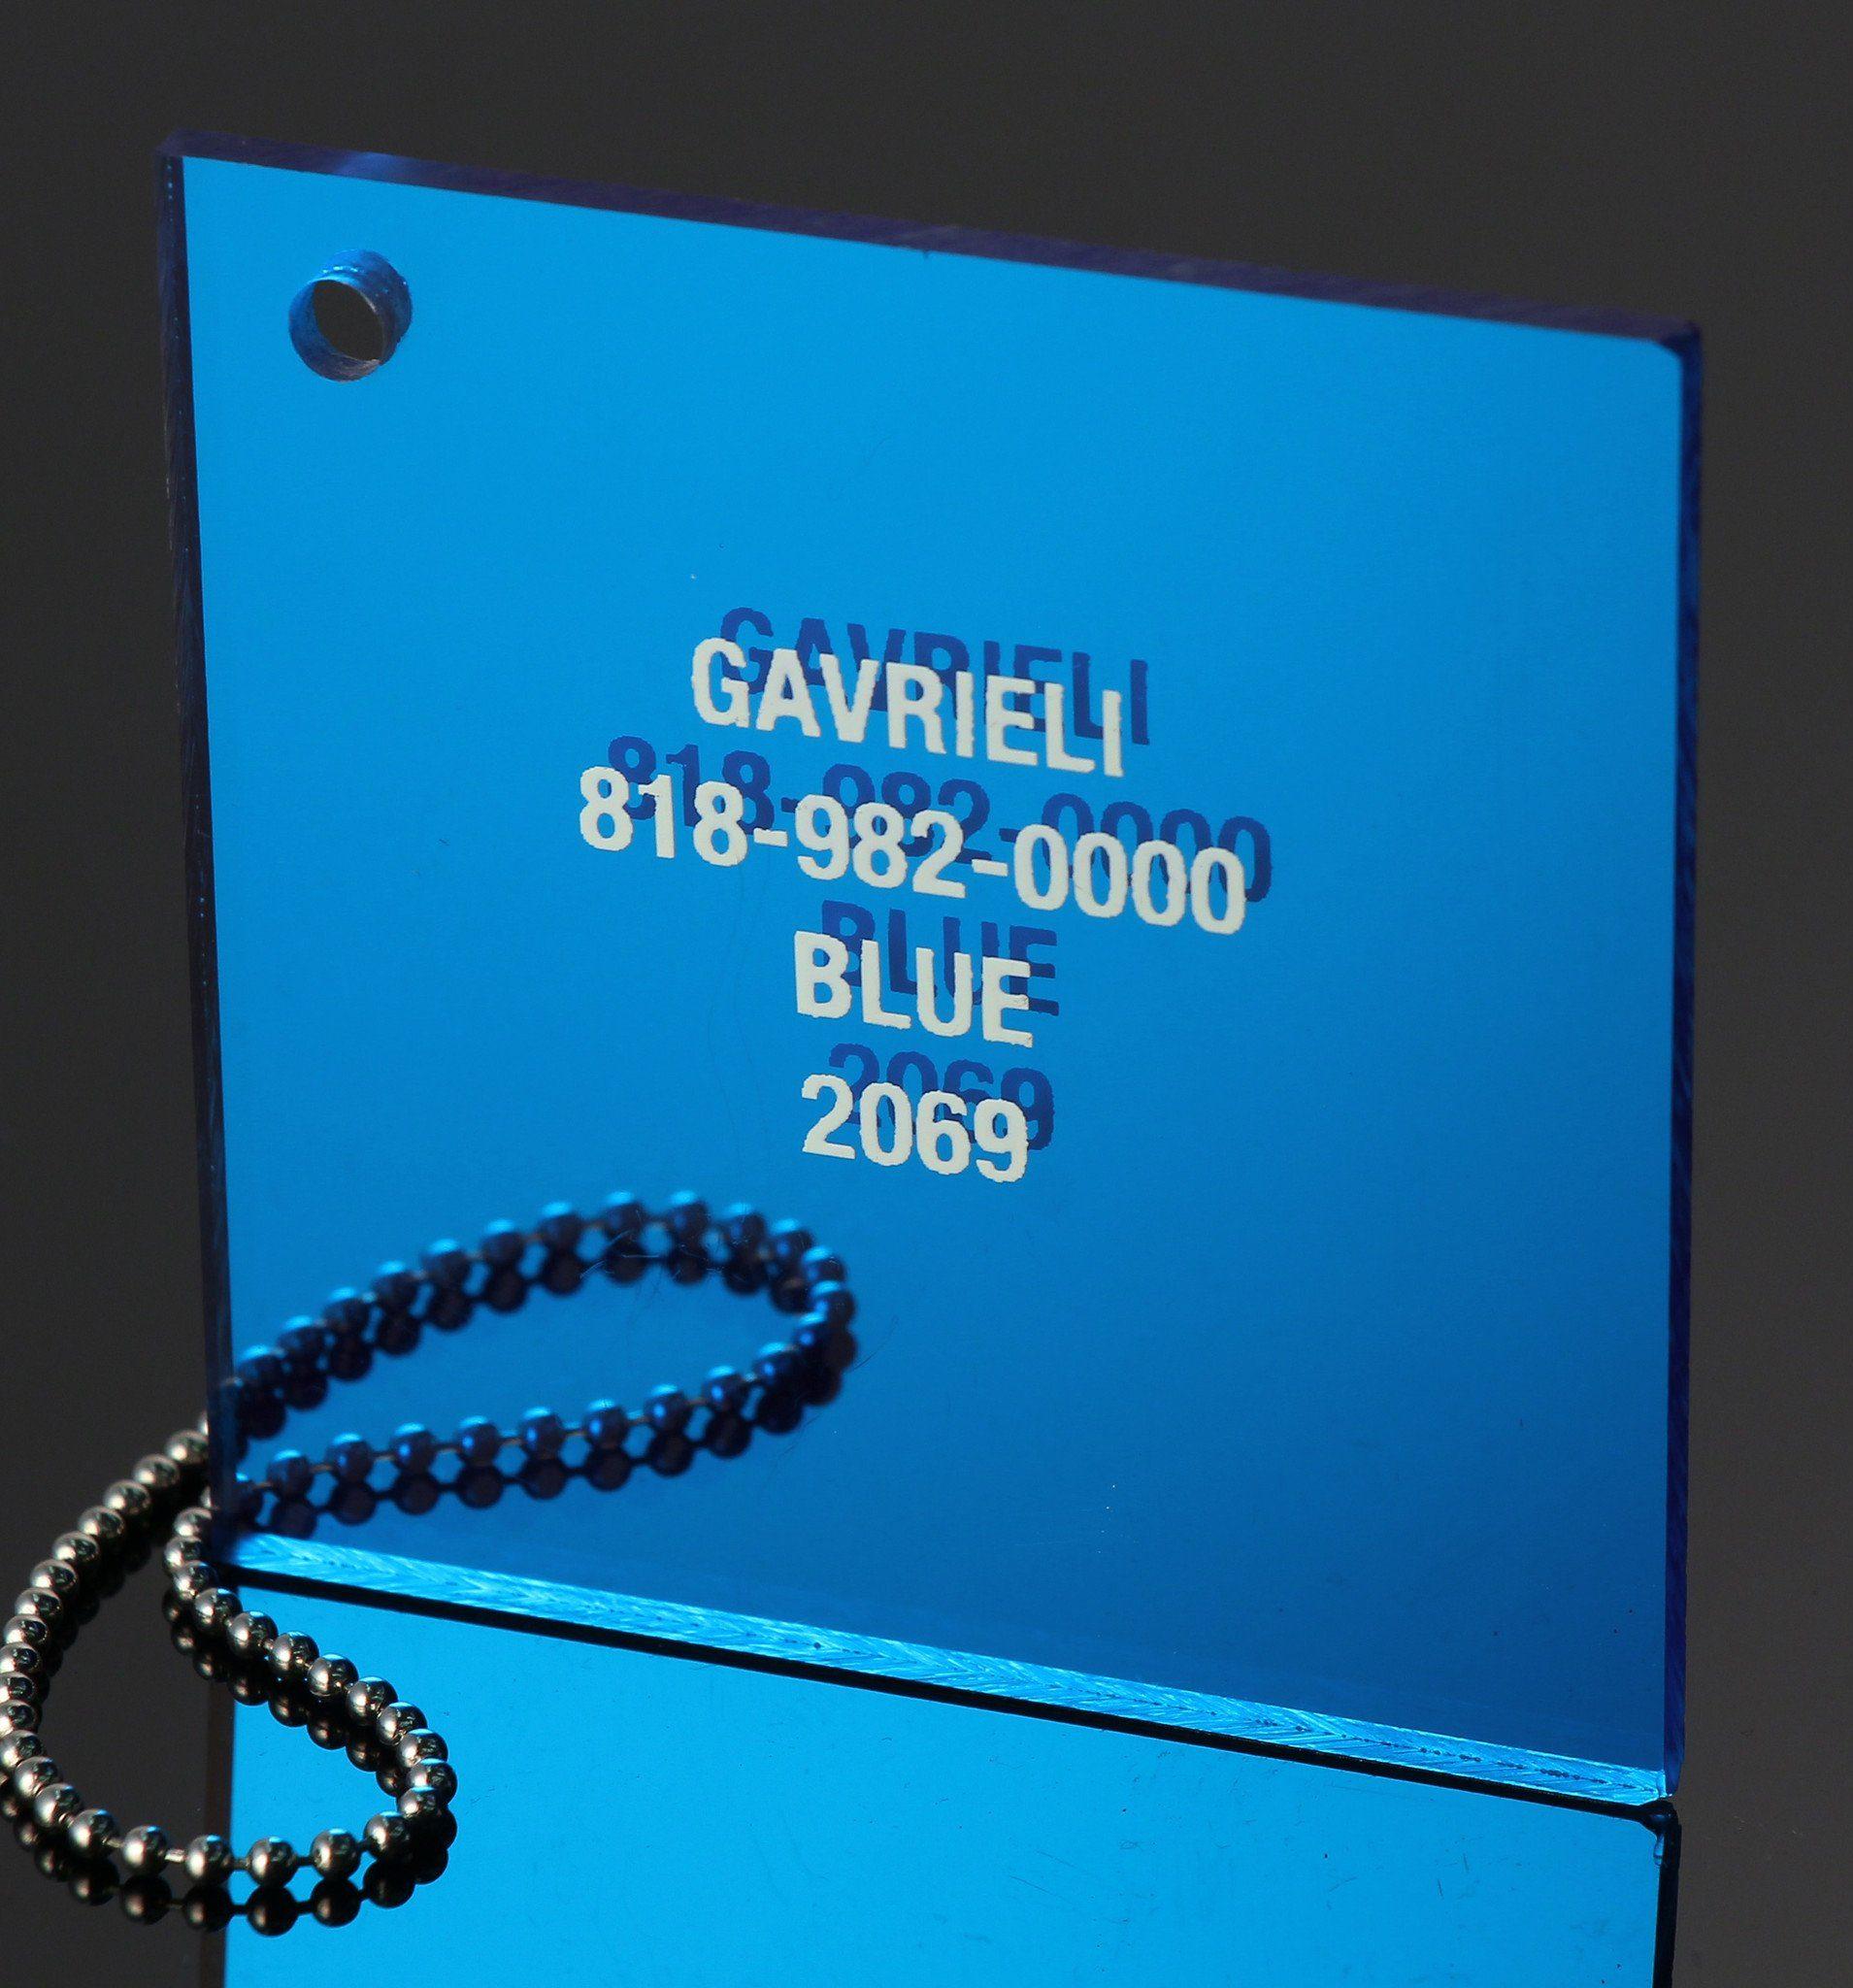 BLUE 2069